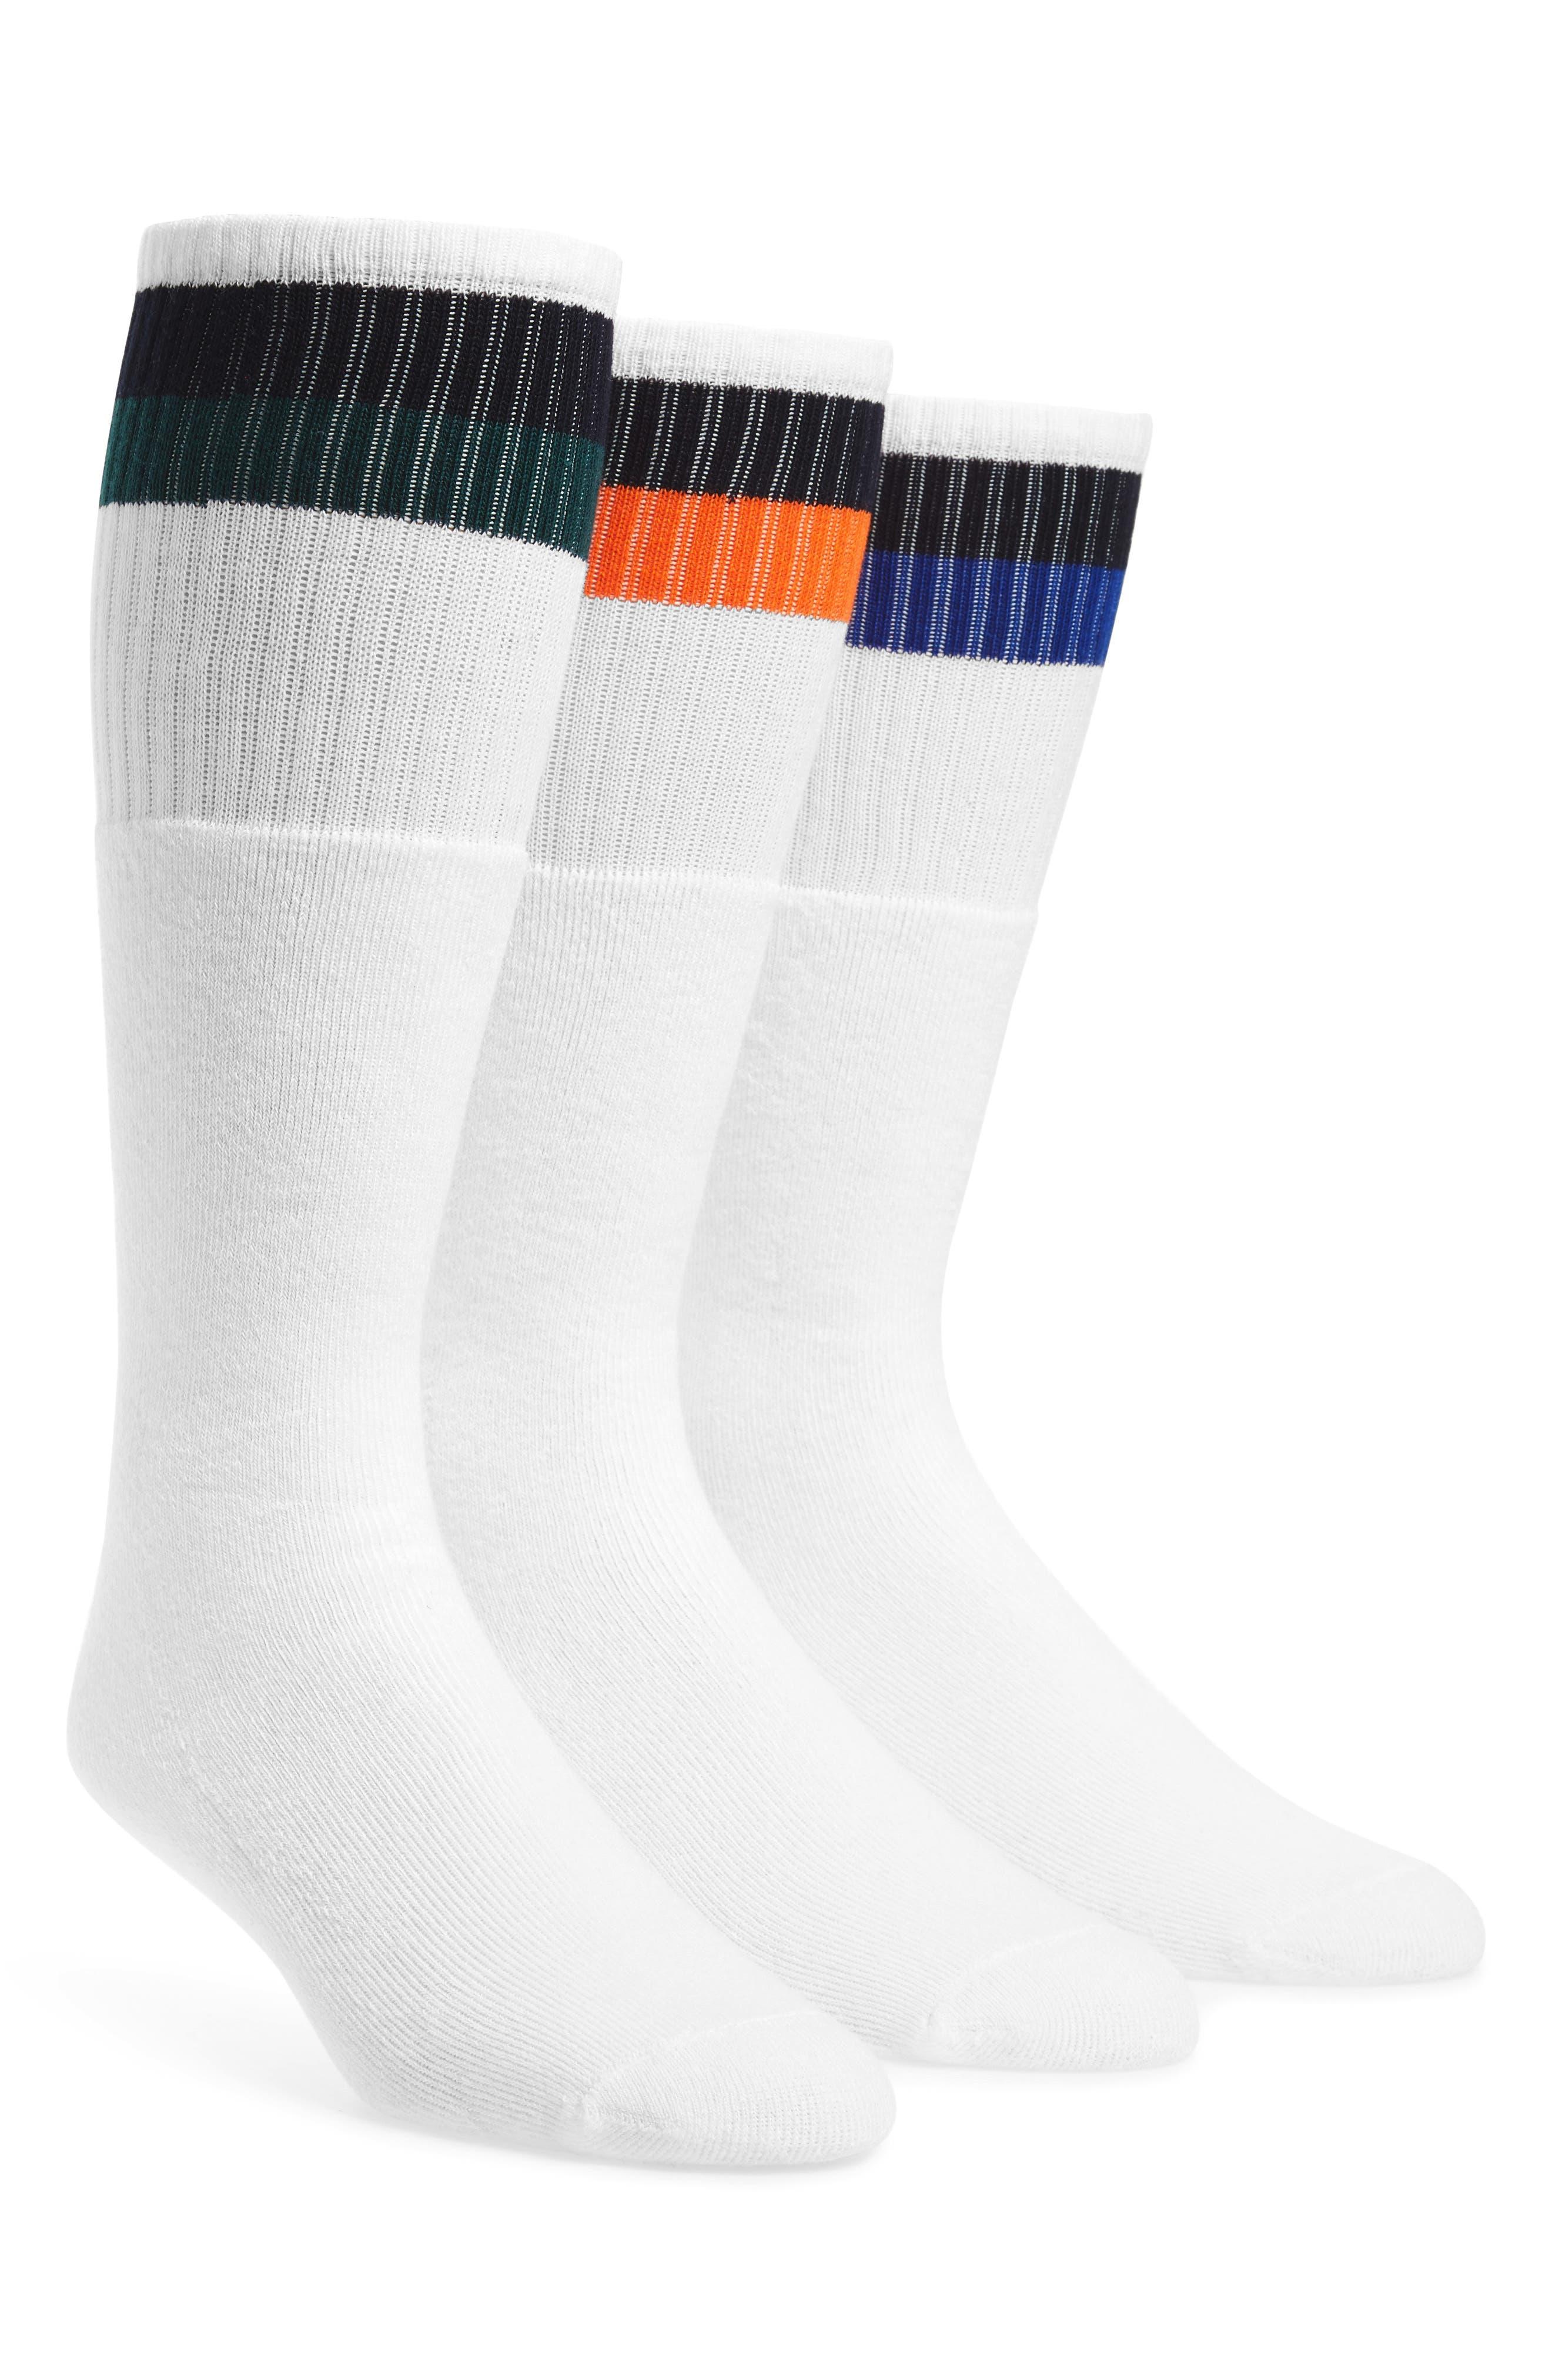 3-Pack Tube Socks,                         Main,                         color, White/ Royal